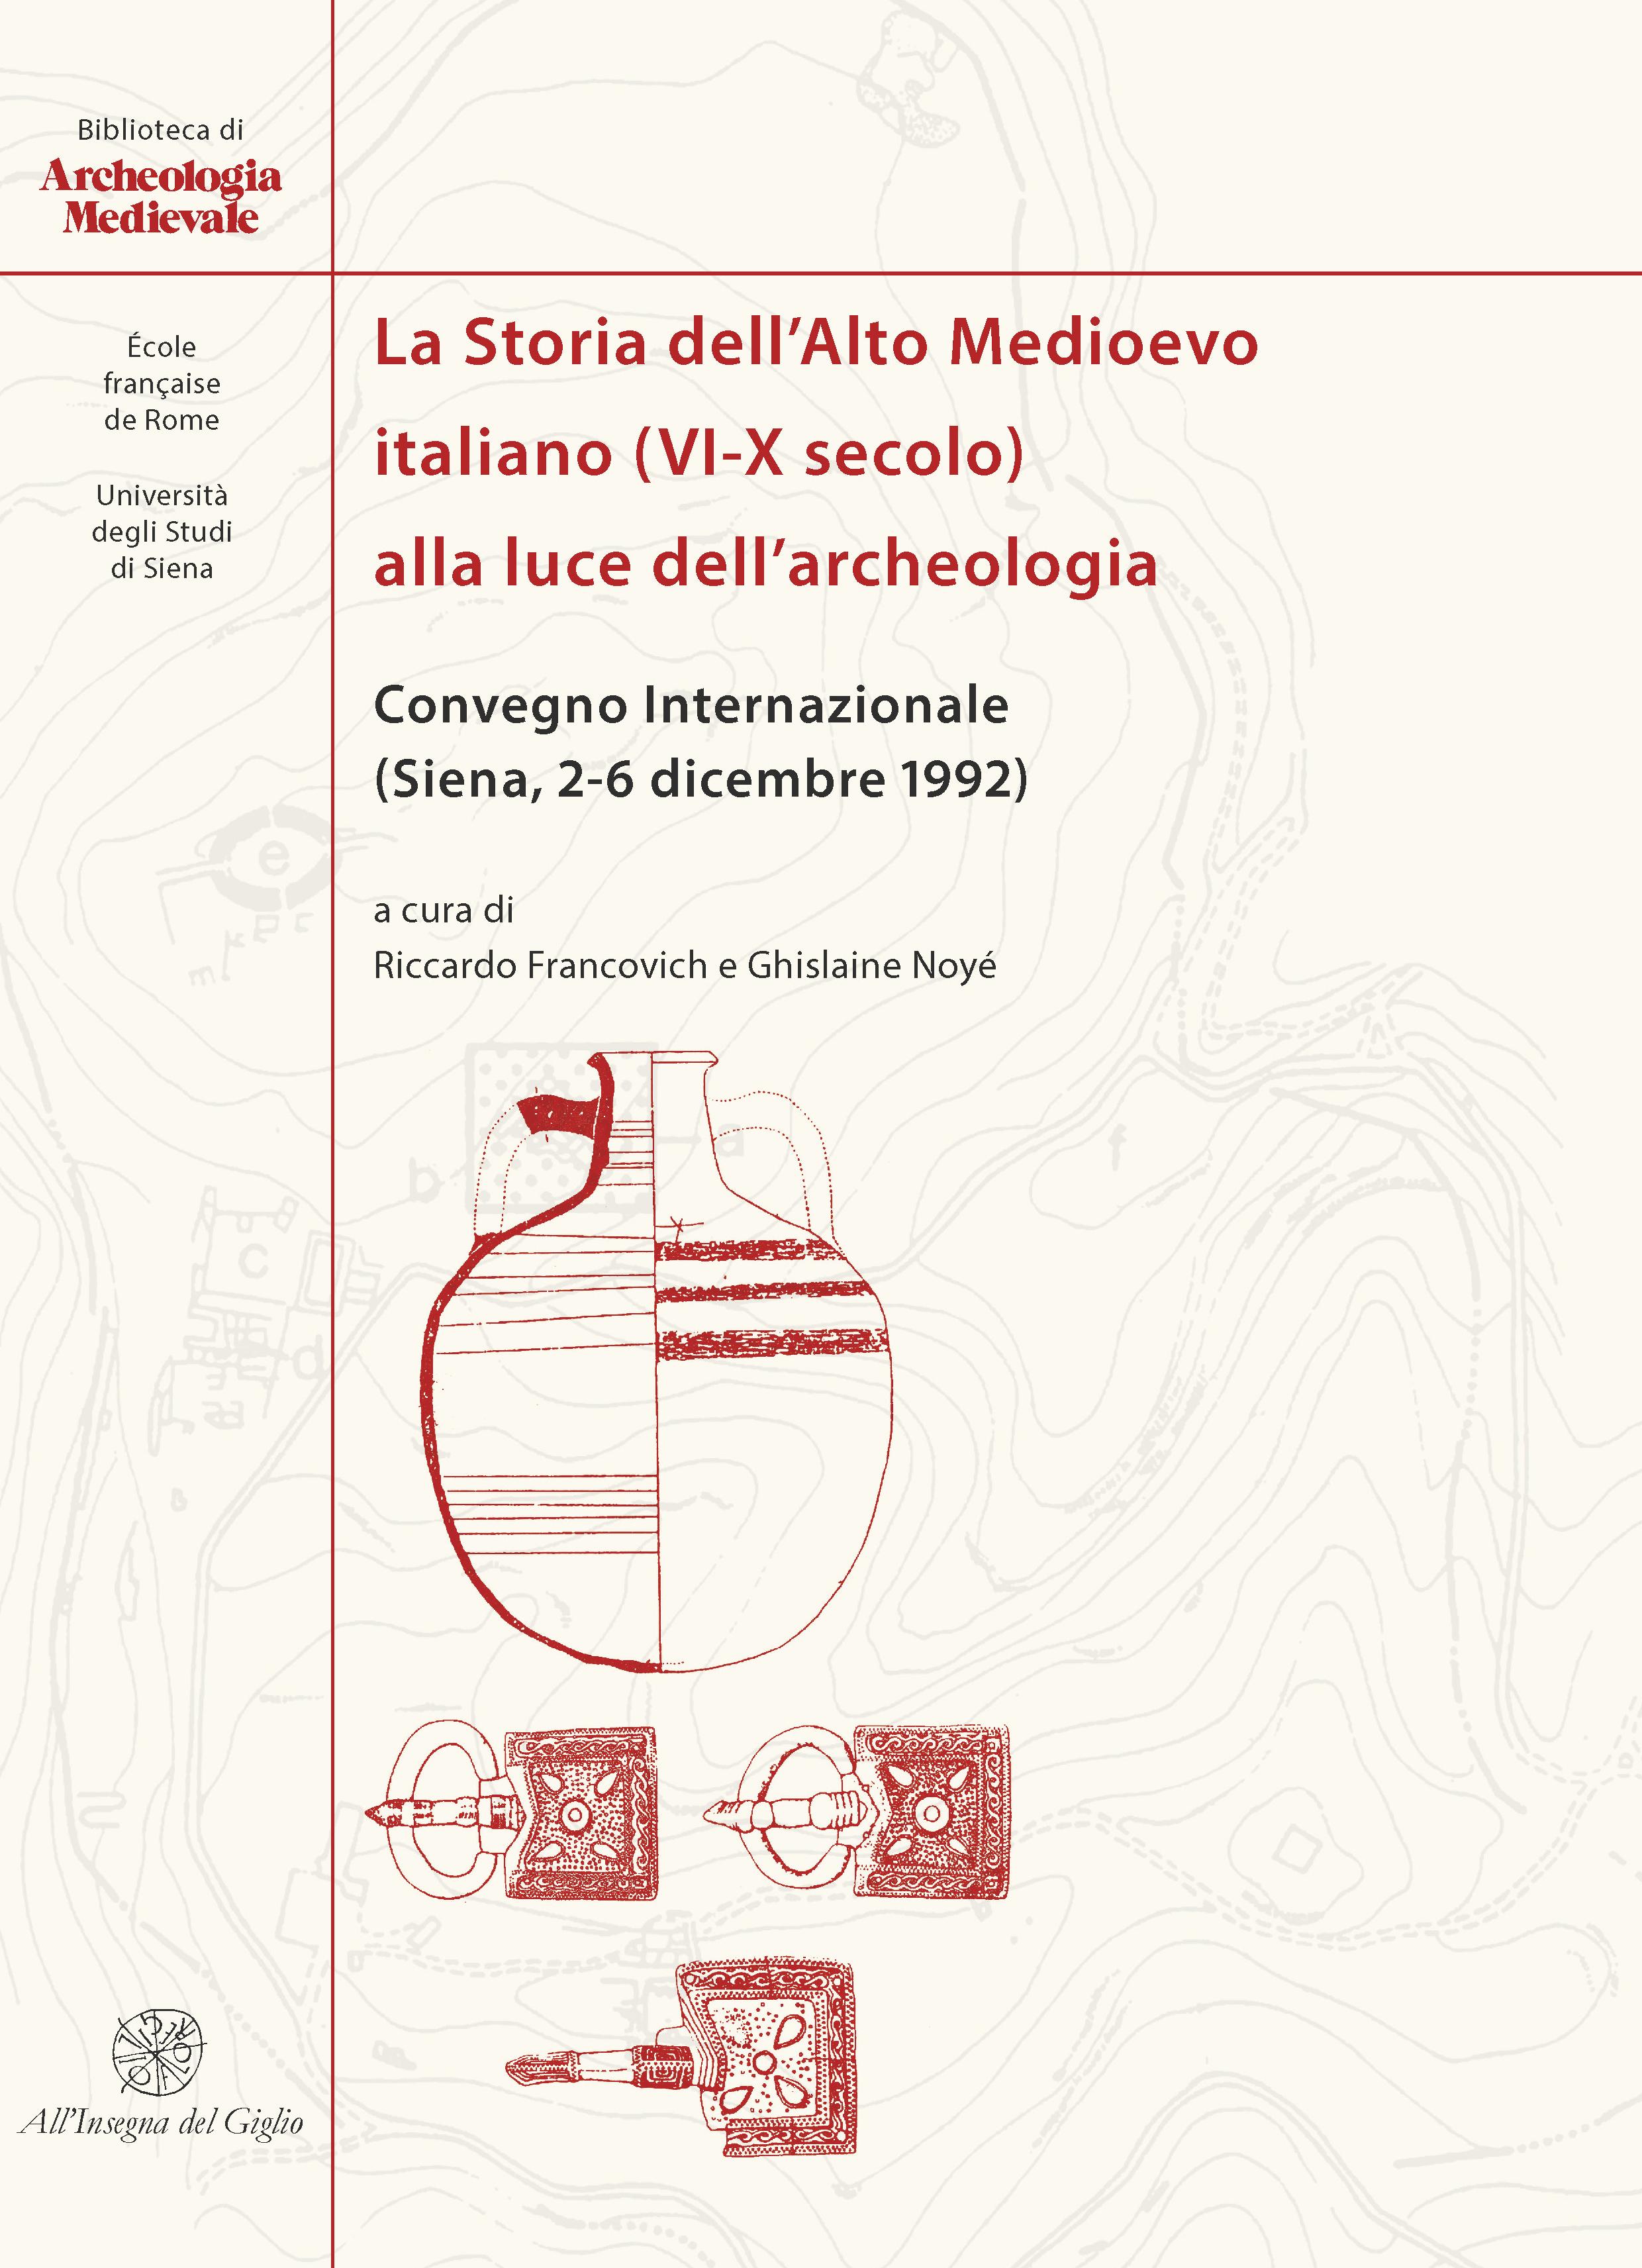 La Storia dell'Alto Medioevo italiano (VI-X secolo) alla luce dell'archeologia. Atti del Convegno Internazionale (Siena 1992)